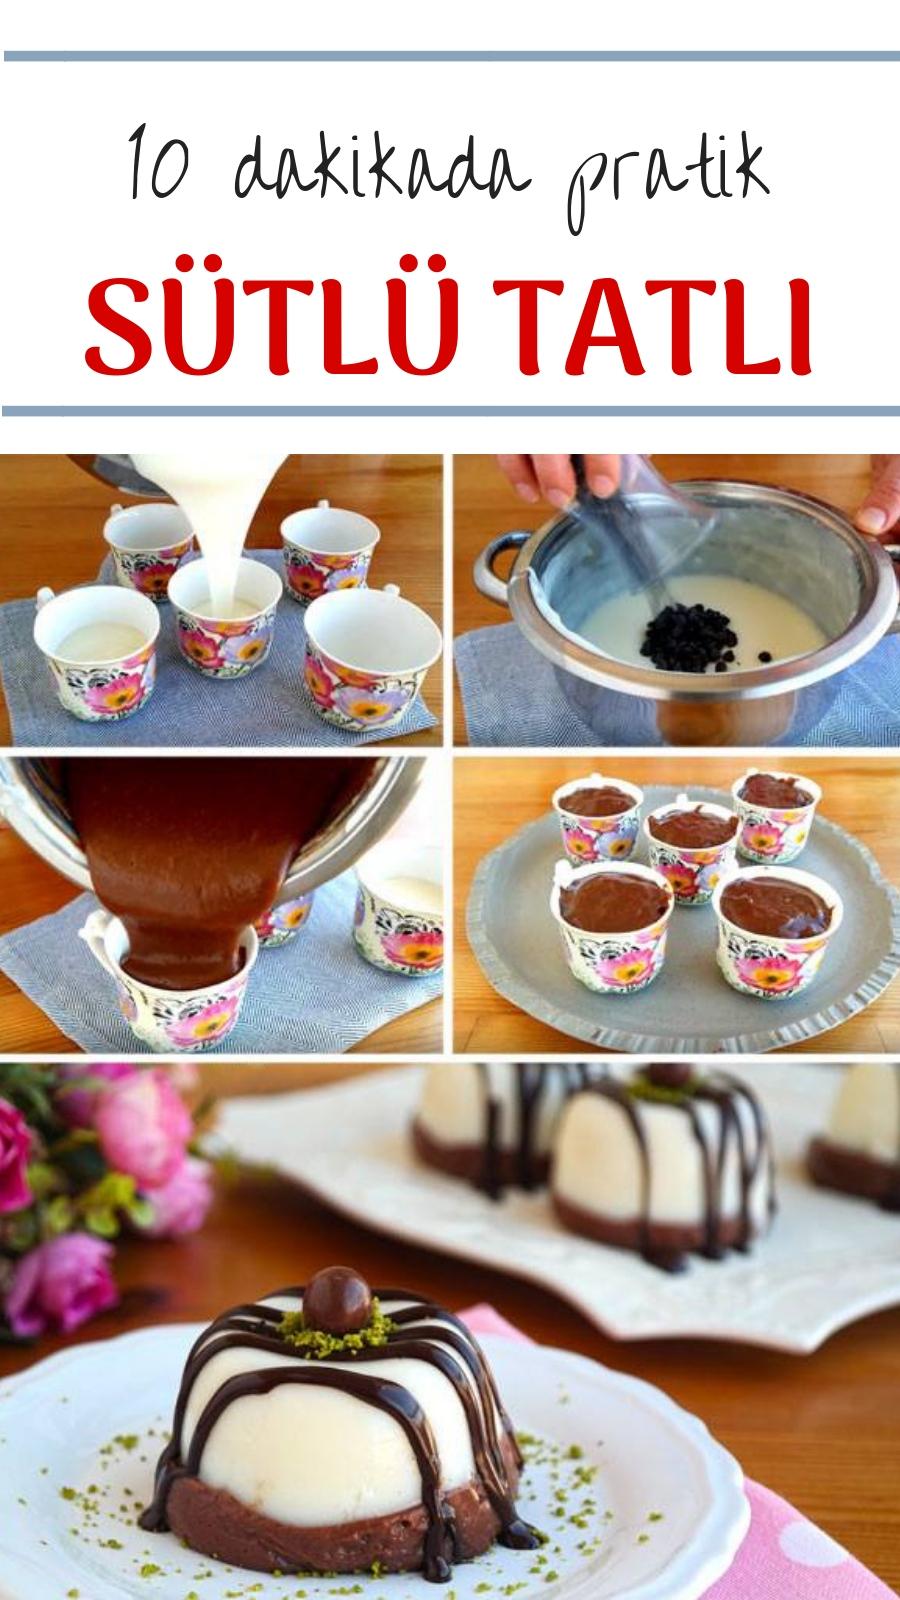 10 dakkada Pratik Çikolatalı Sütlü Tatlı Yapımı